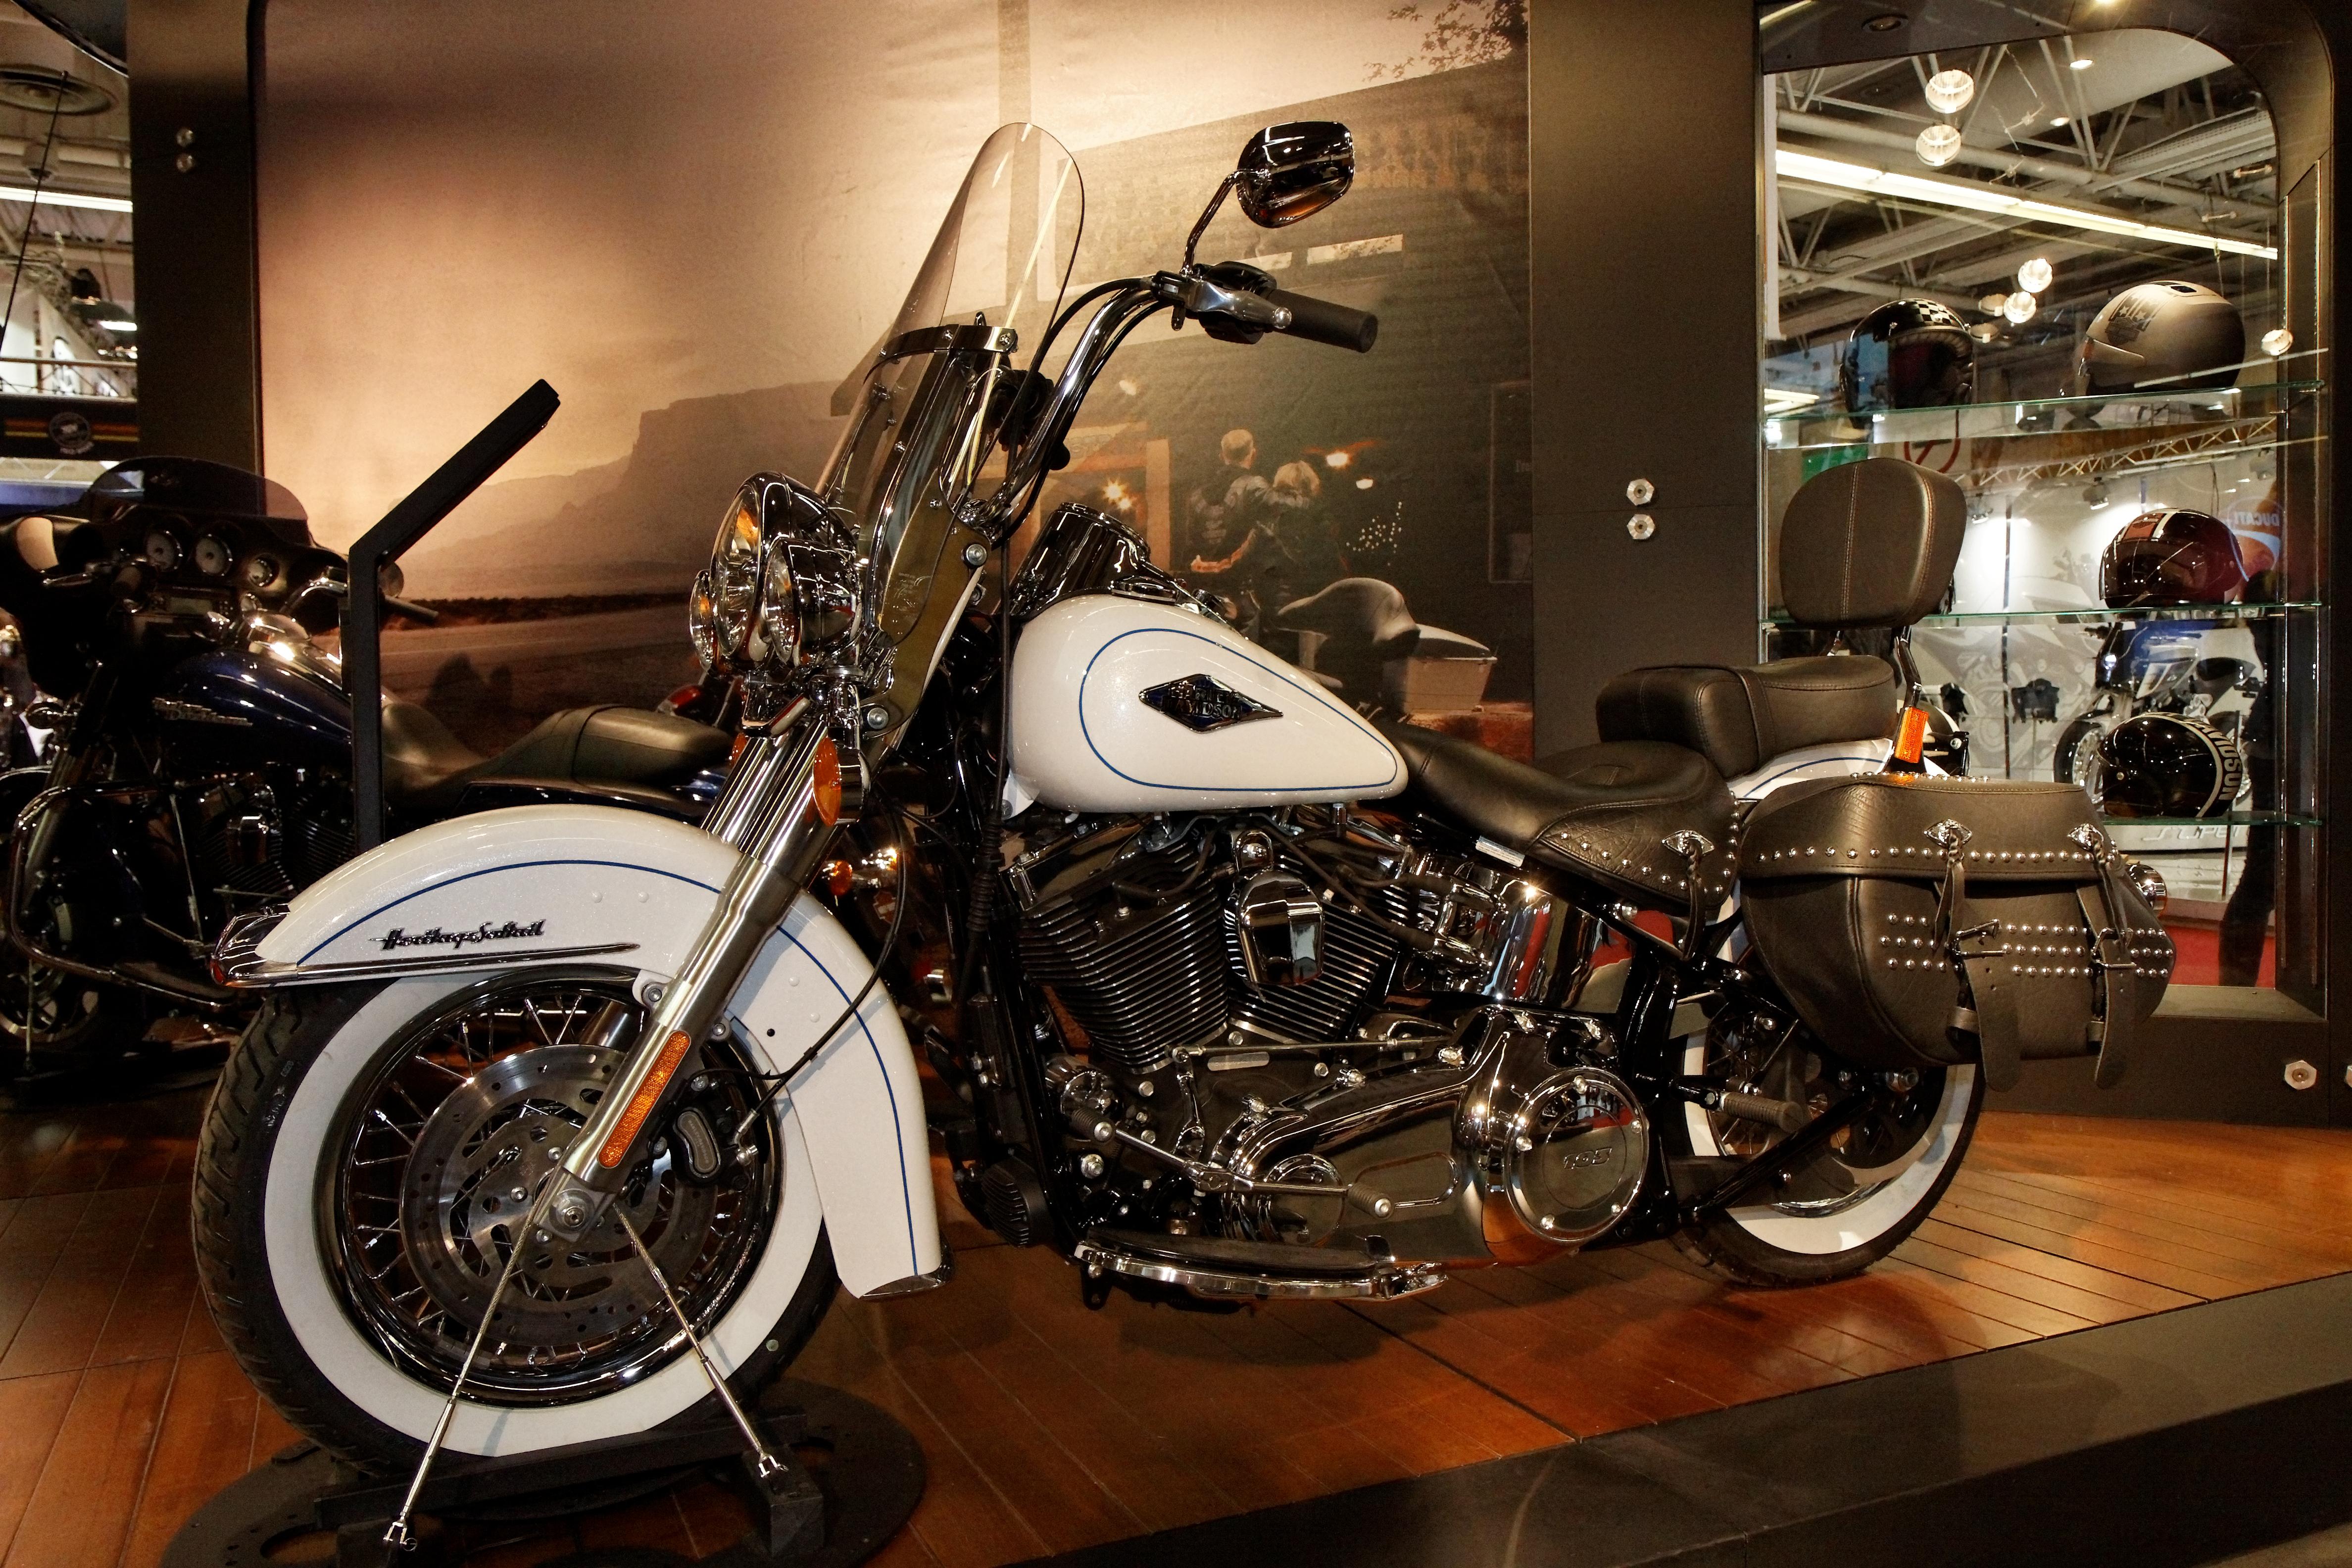 File:Paris - Salon de la moto 2011 - Harley-Davidson - FLSTC ...